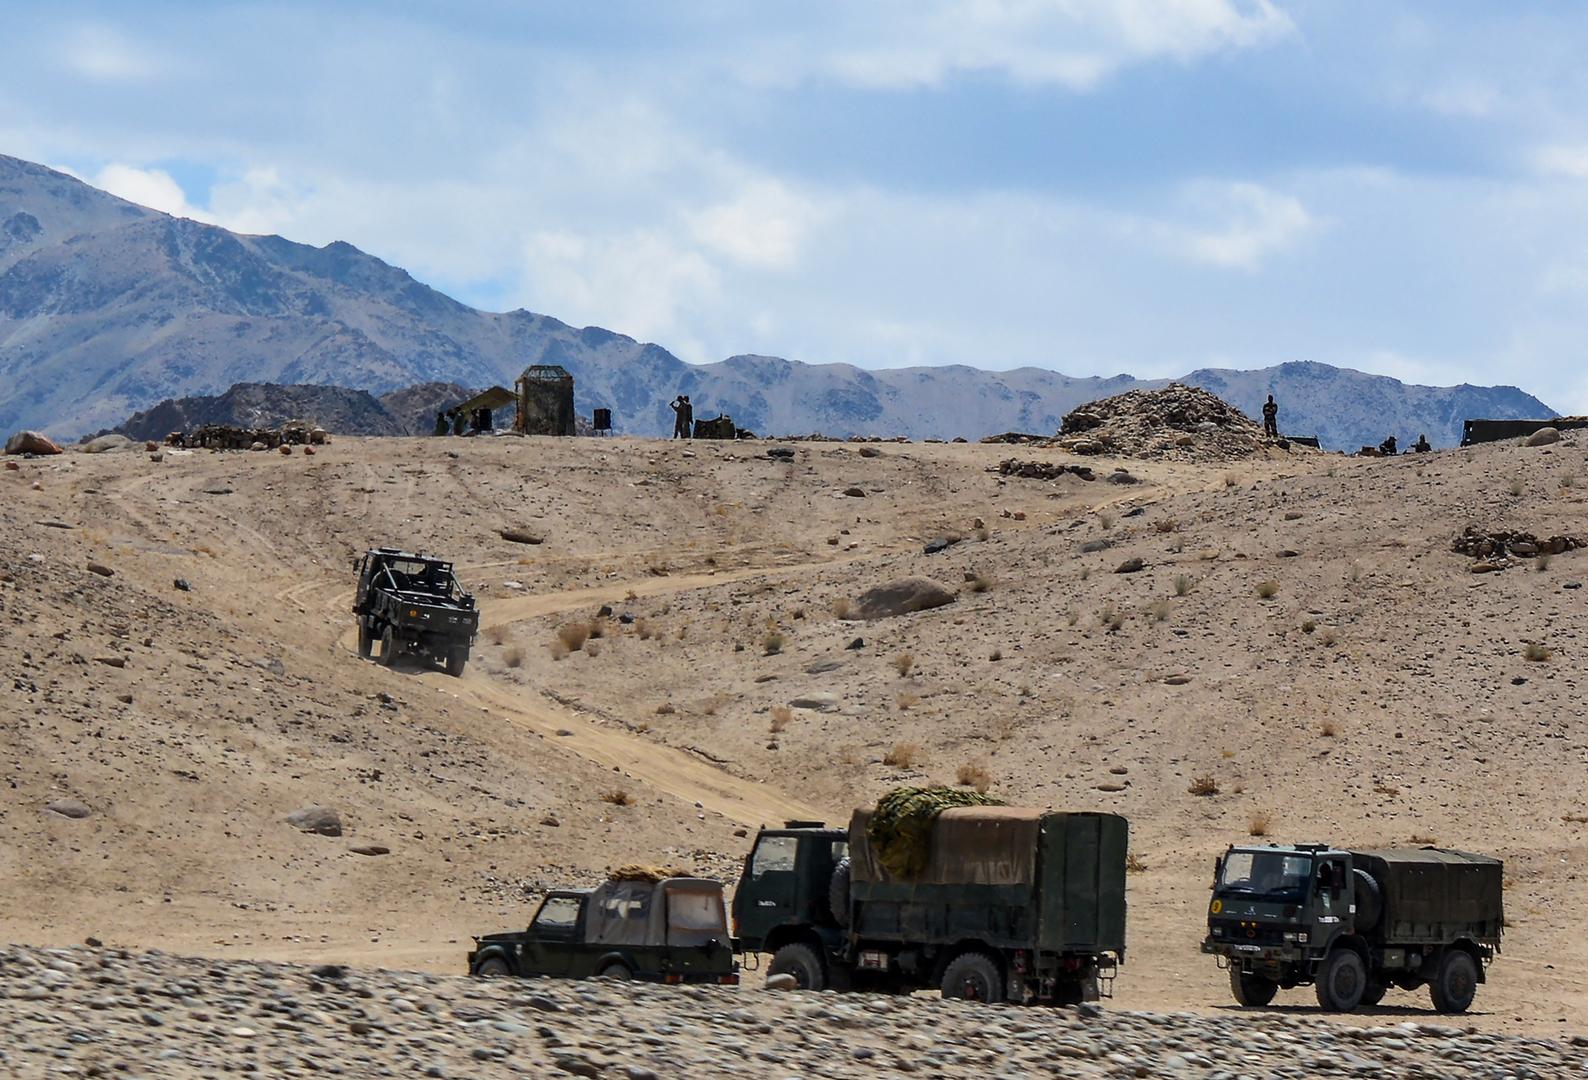 مسؤول هندي: نتوقع إتمام سحب القوات من منطقة الصدام مع الصين خلال أسبوع